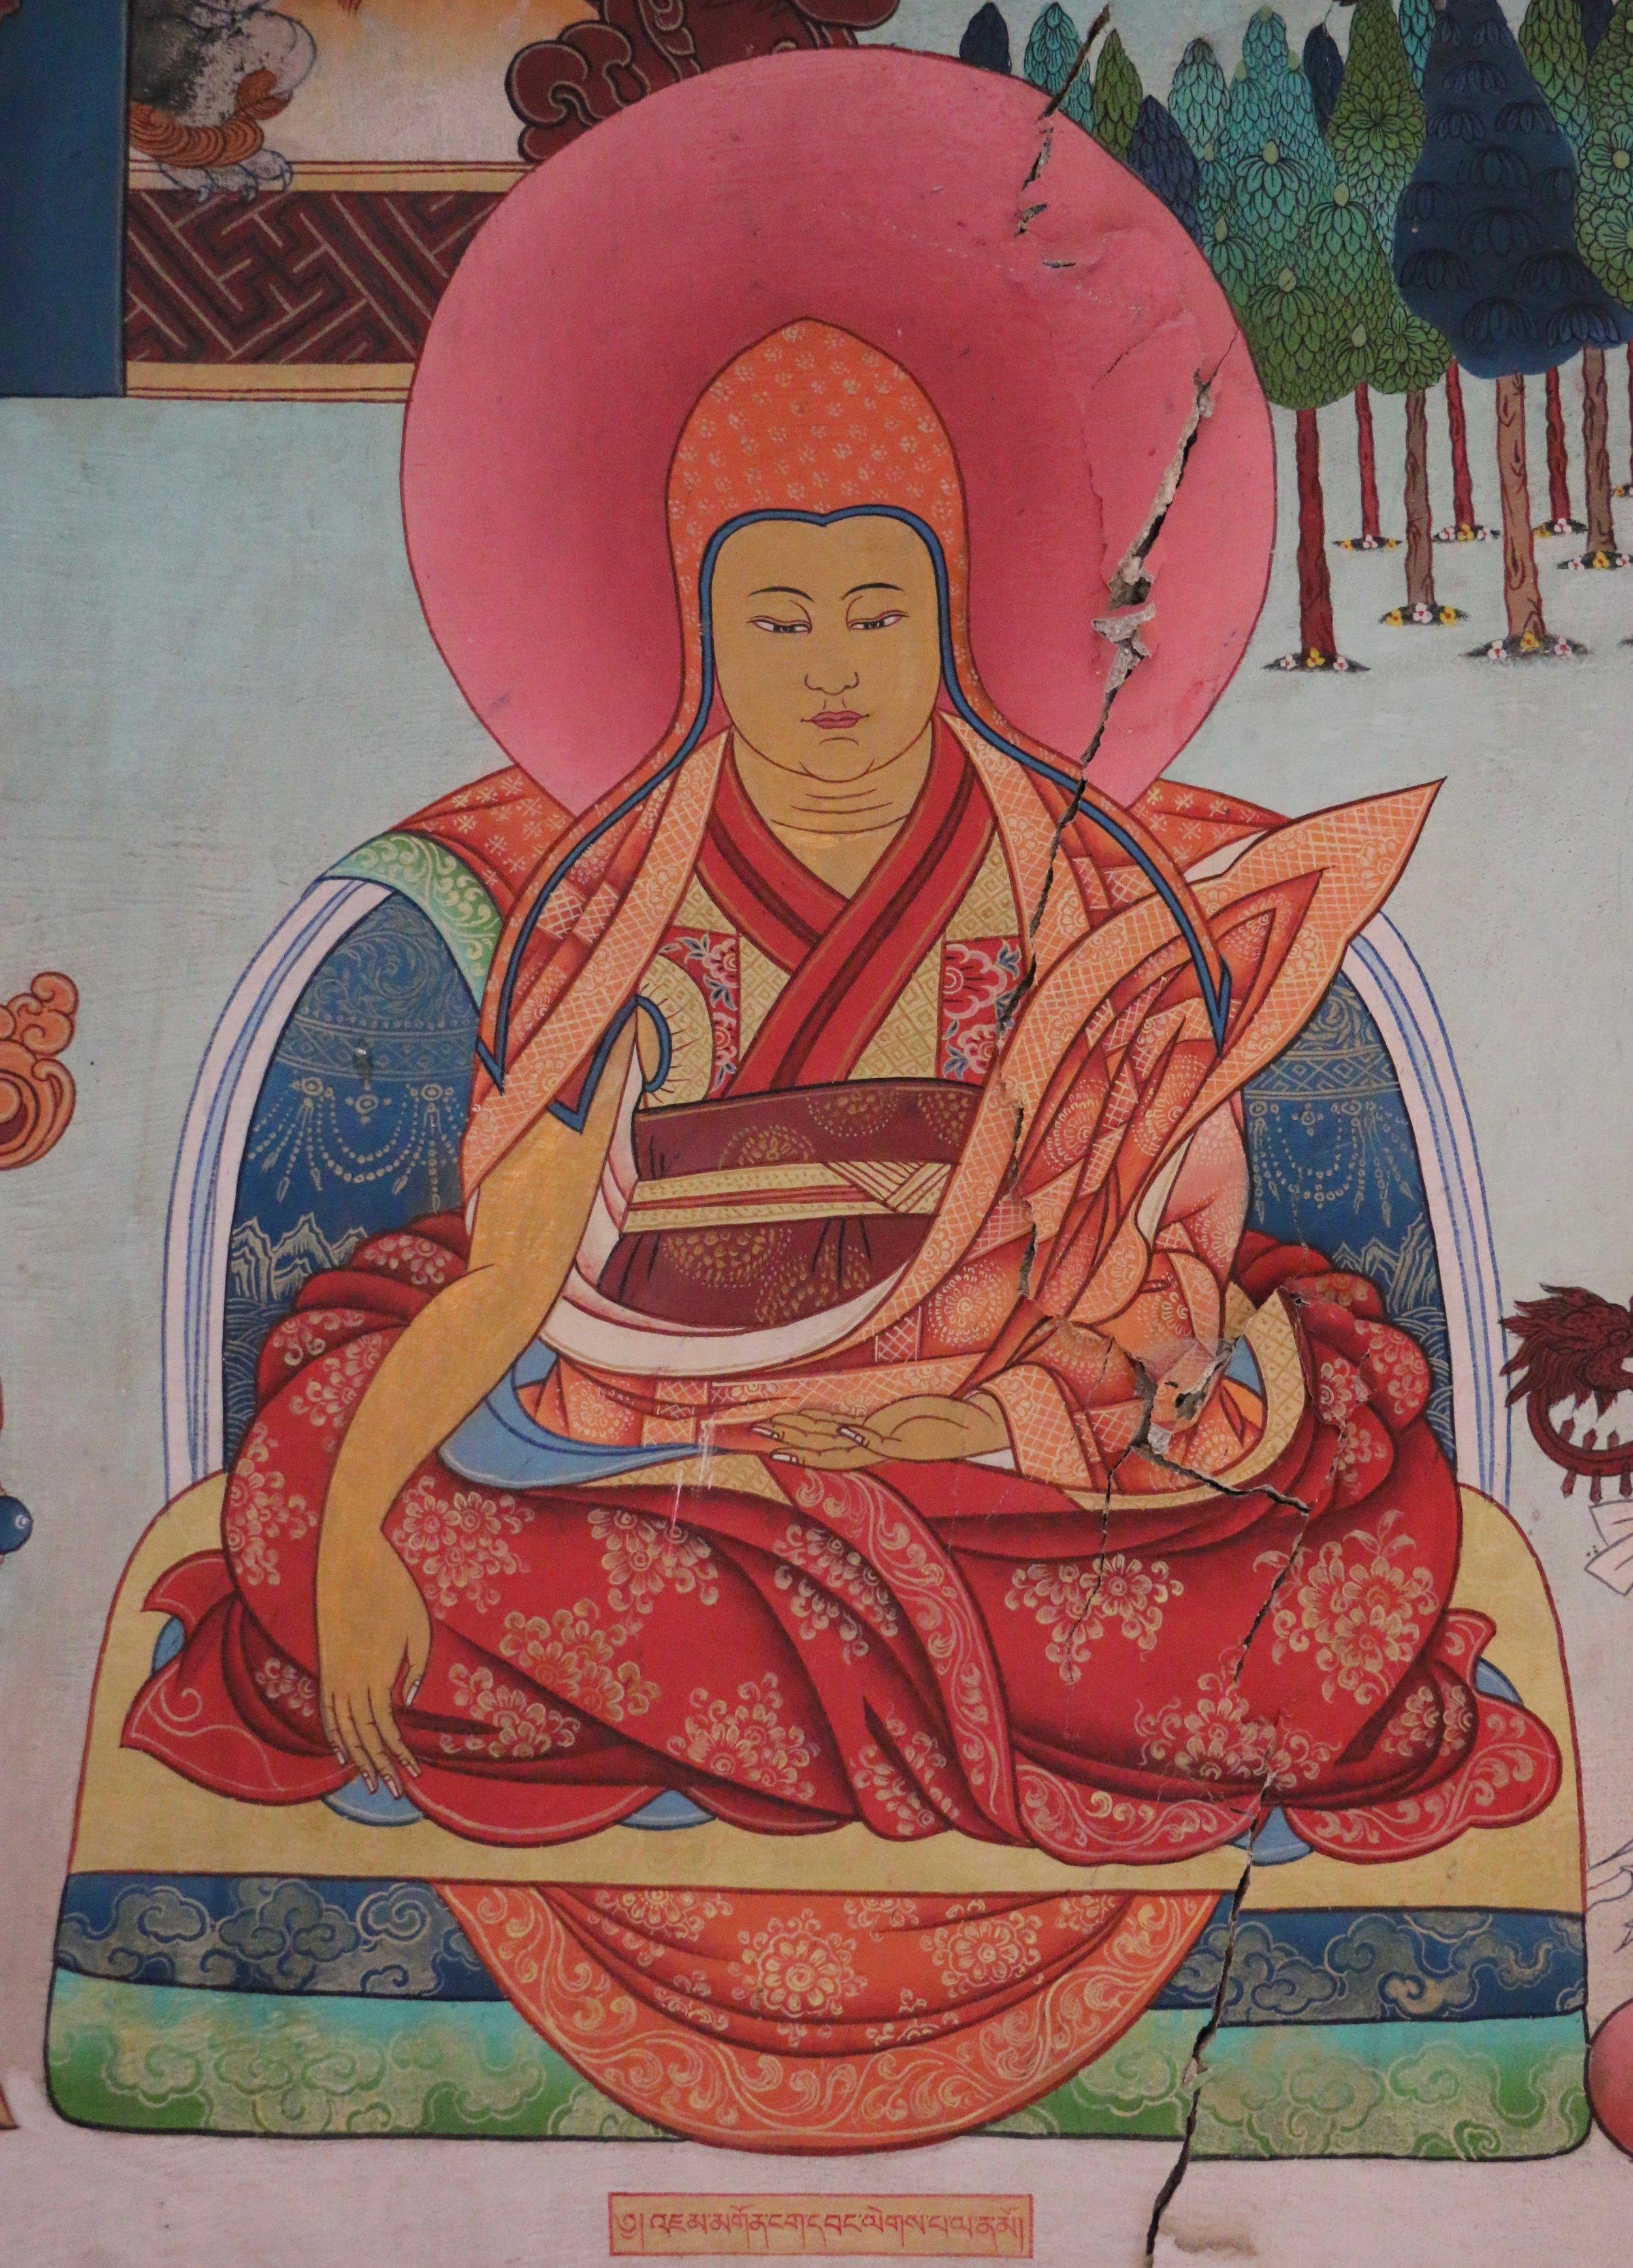 Ngawang Lhekpa